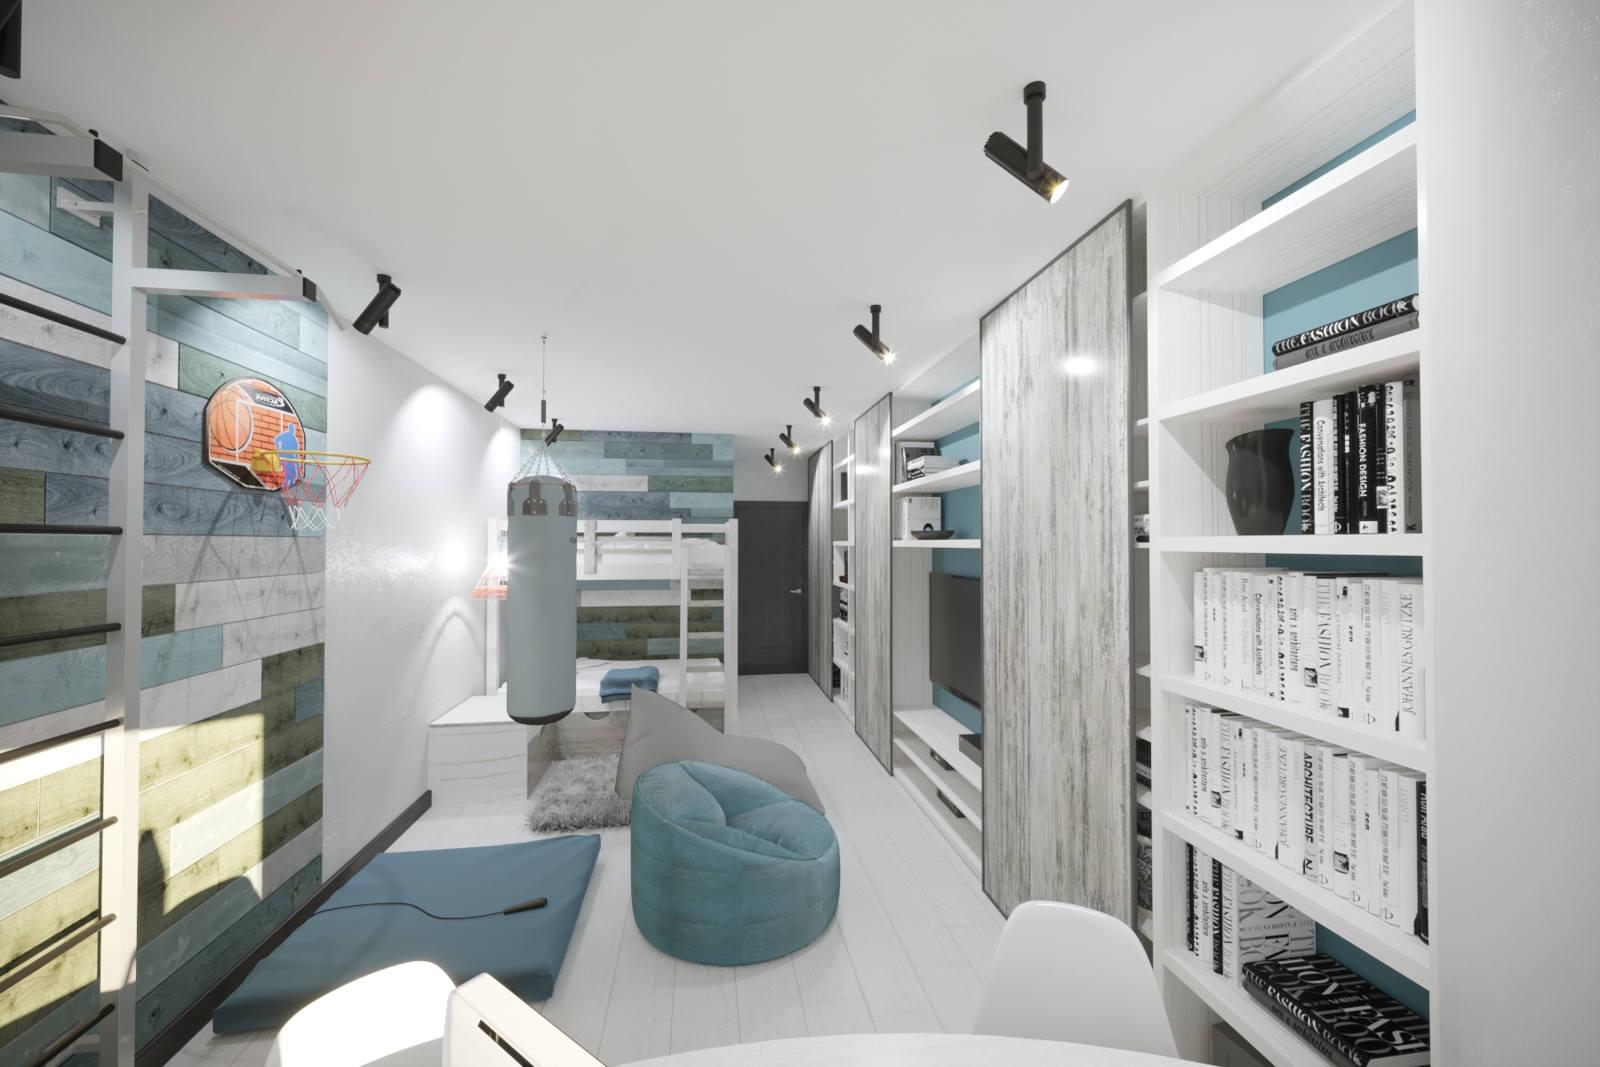 Дизайн детской комнаты Киев для взрослого, груша спортивная, книги, скандинавский стиль, современный интерьер